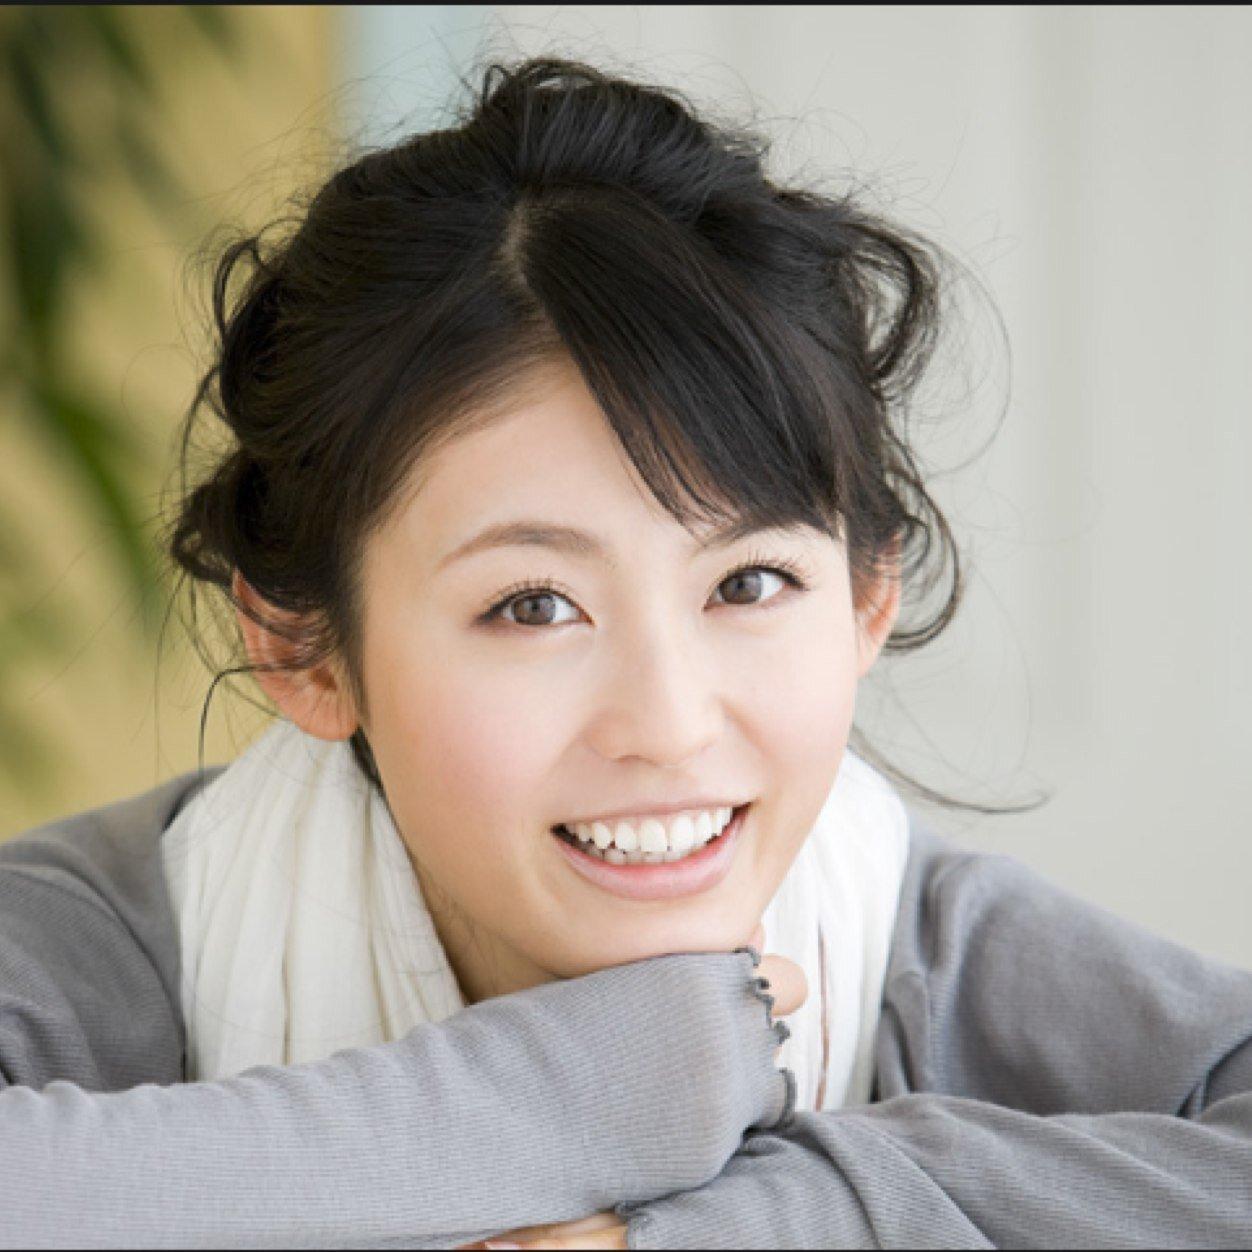 女優の本仮屋ユイカさんにとってもカワイイと噂の妹さんがいた!のサムネイル画像